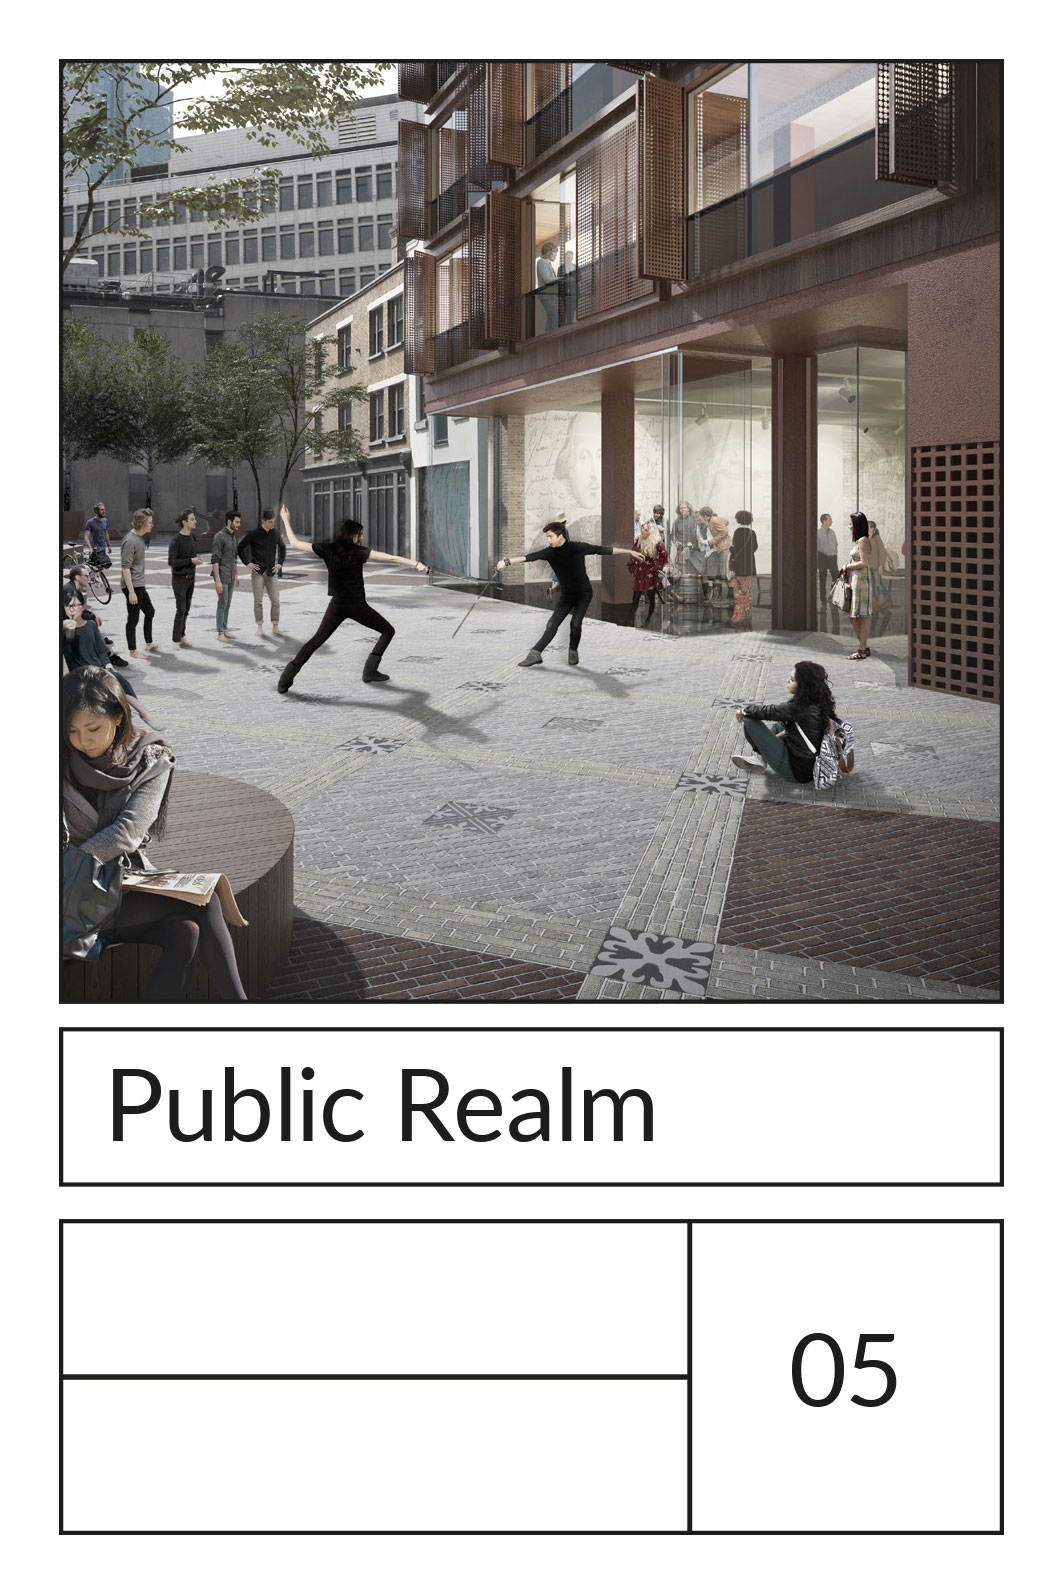 Public Realm